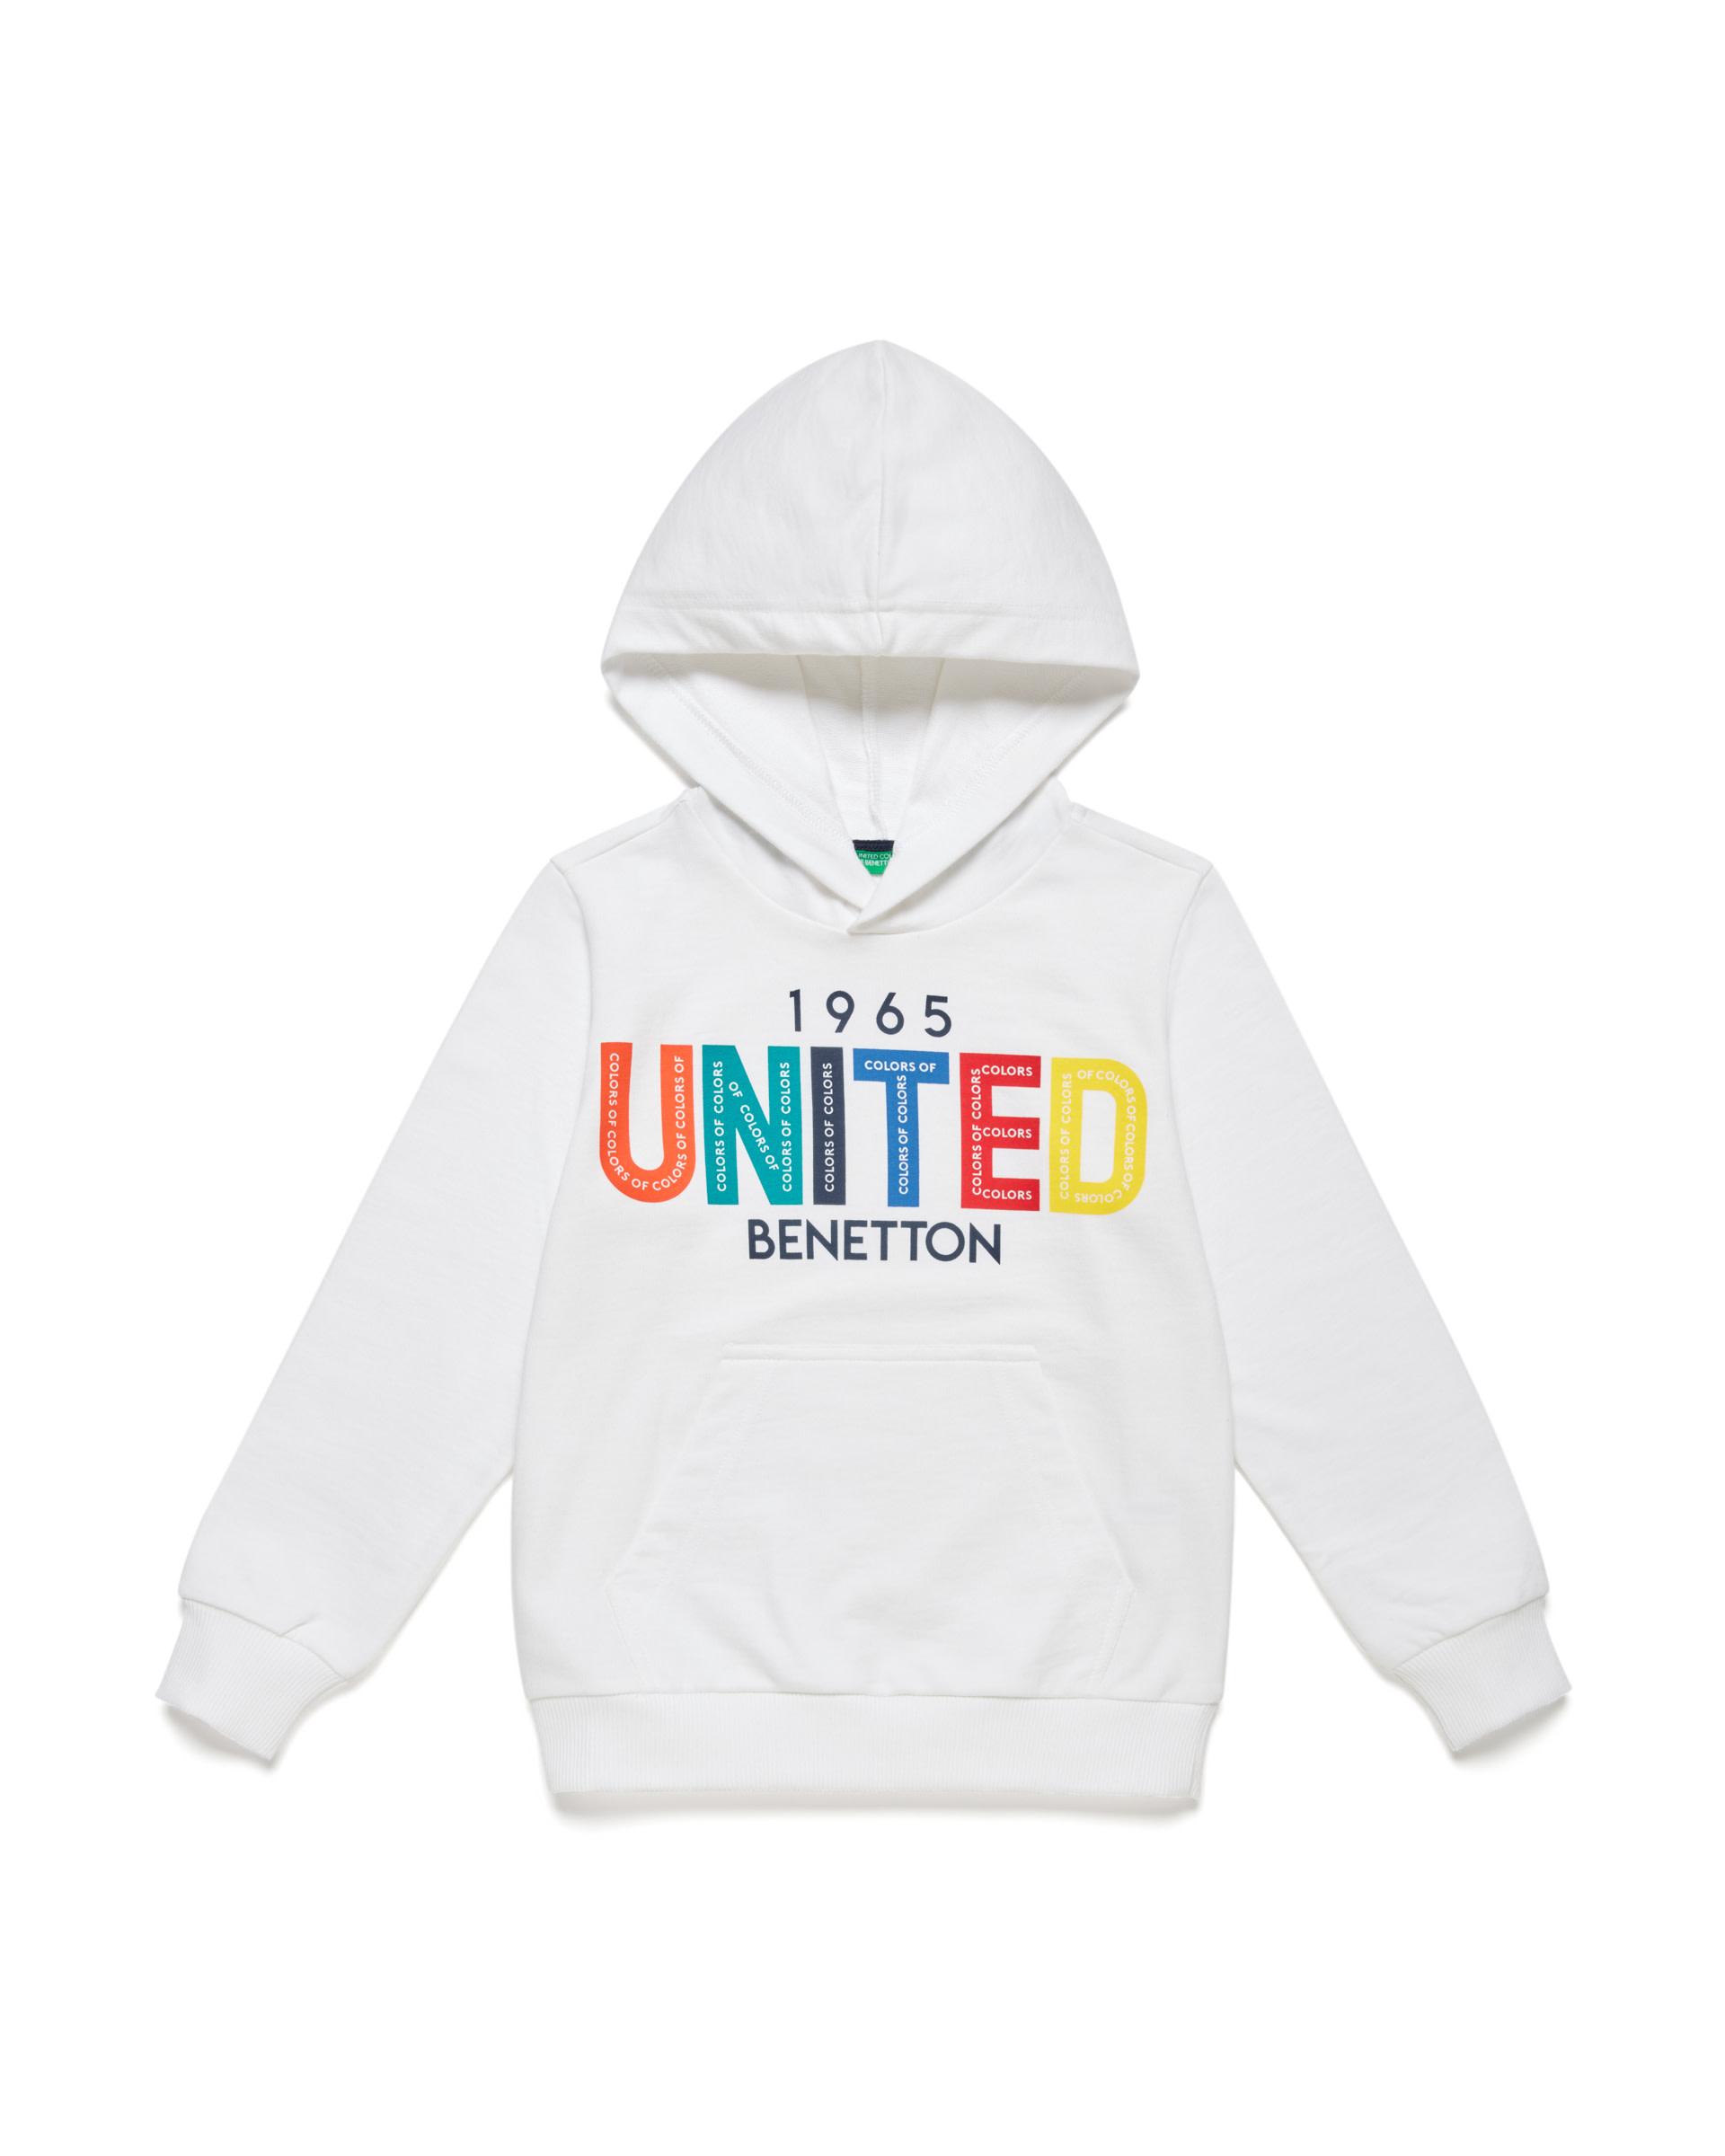 Купить 20P_3BC1C2165_101, Толстовка для мальчиков Benetton 3BC1C2165_101 р-р 140, United Colors of Benetton, Толстовки для мальчиков